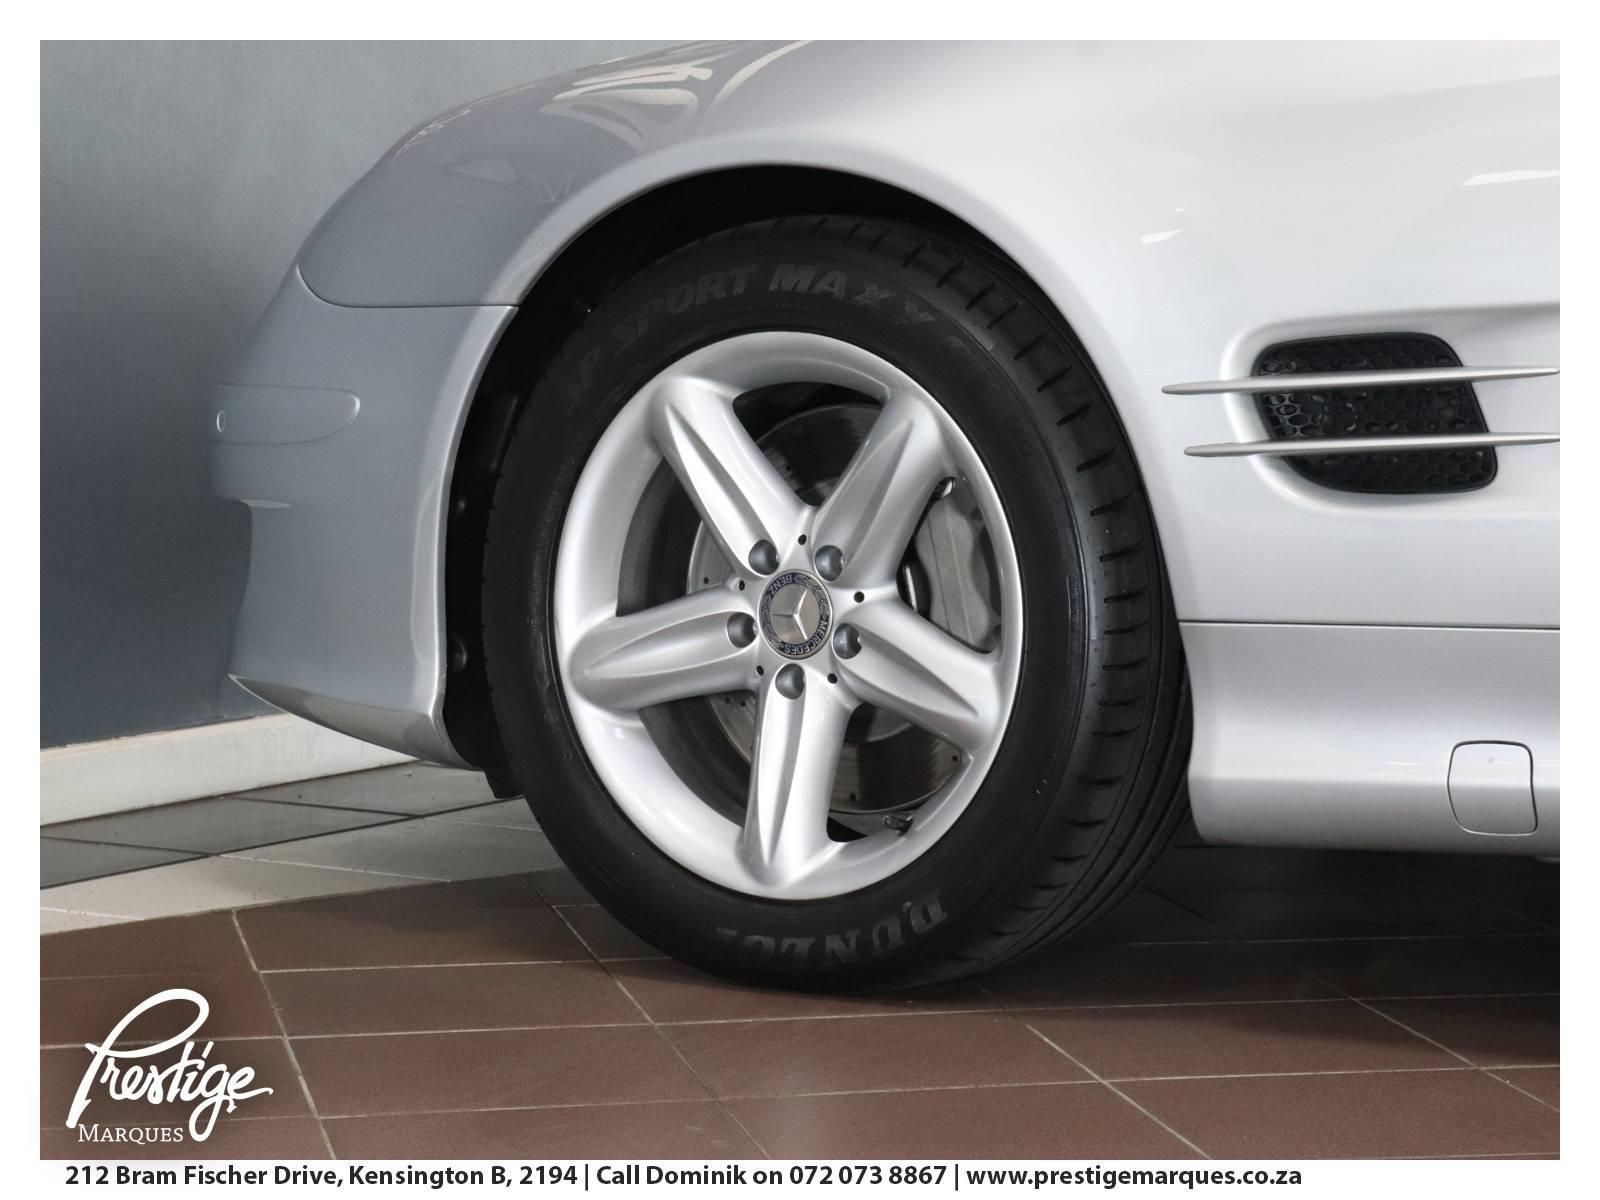 2007-Mercedes-benz-sl500-203-facelift-Prestige-Marques-Randburg-Sandton-15